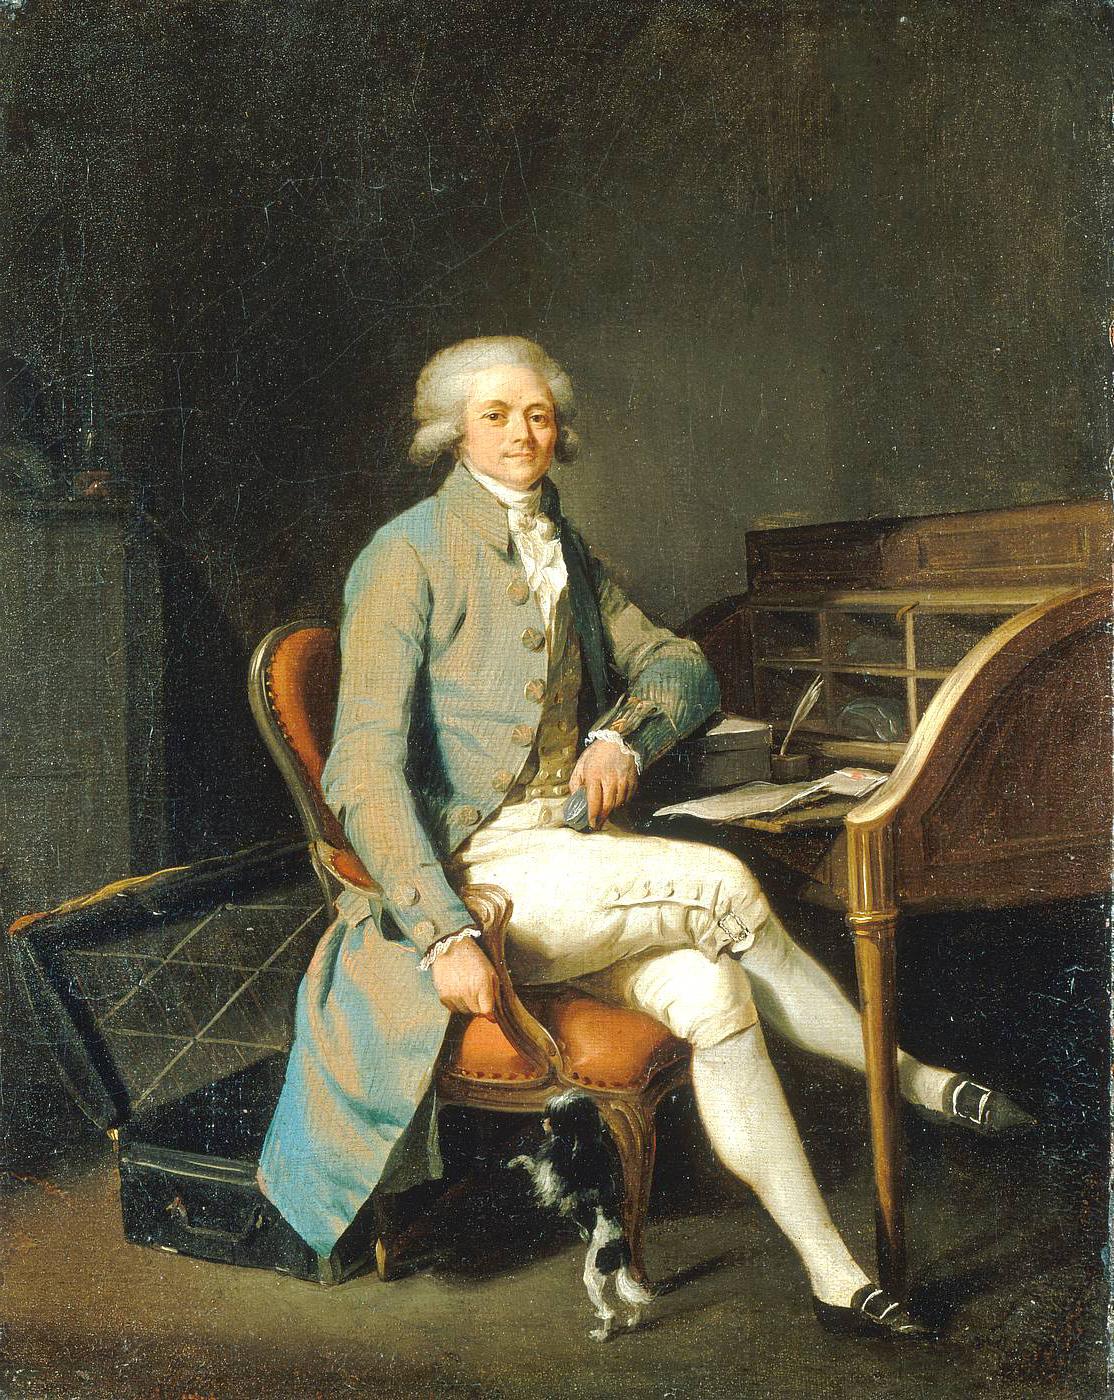 Maximilien de Robespierre, Arras, 1783 (Louis Léopold Boilly, palais des beaux-arts de Lille)